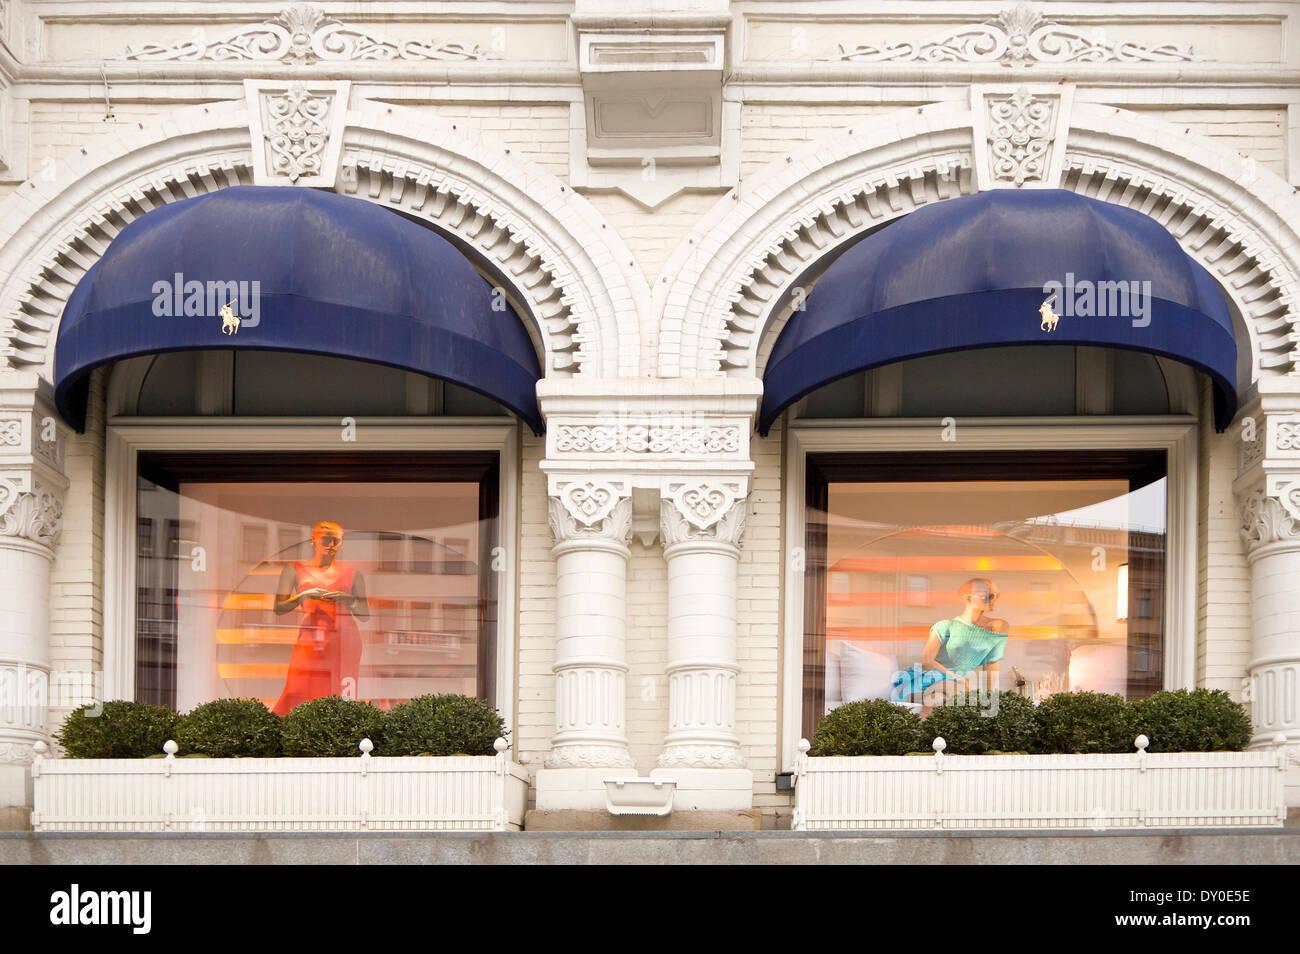 Ralph Lauren Frau Kleidung in großen Kaufhaus in Spanien. M24E51 (RM).  Außenansicht des Ralph Lauren Designer Shops in Moskau. Stockbild 3e3d600c2e